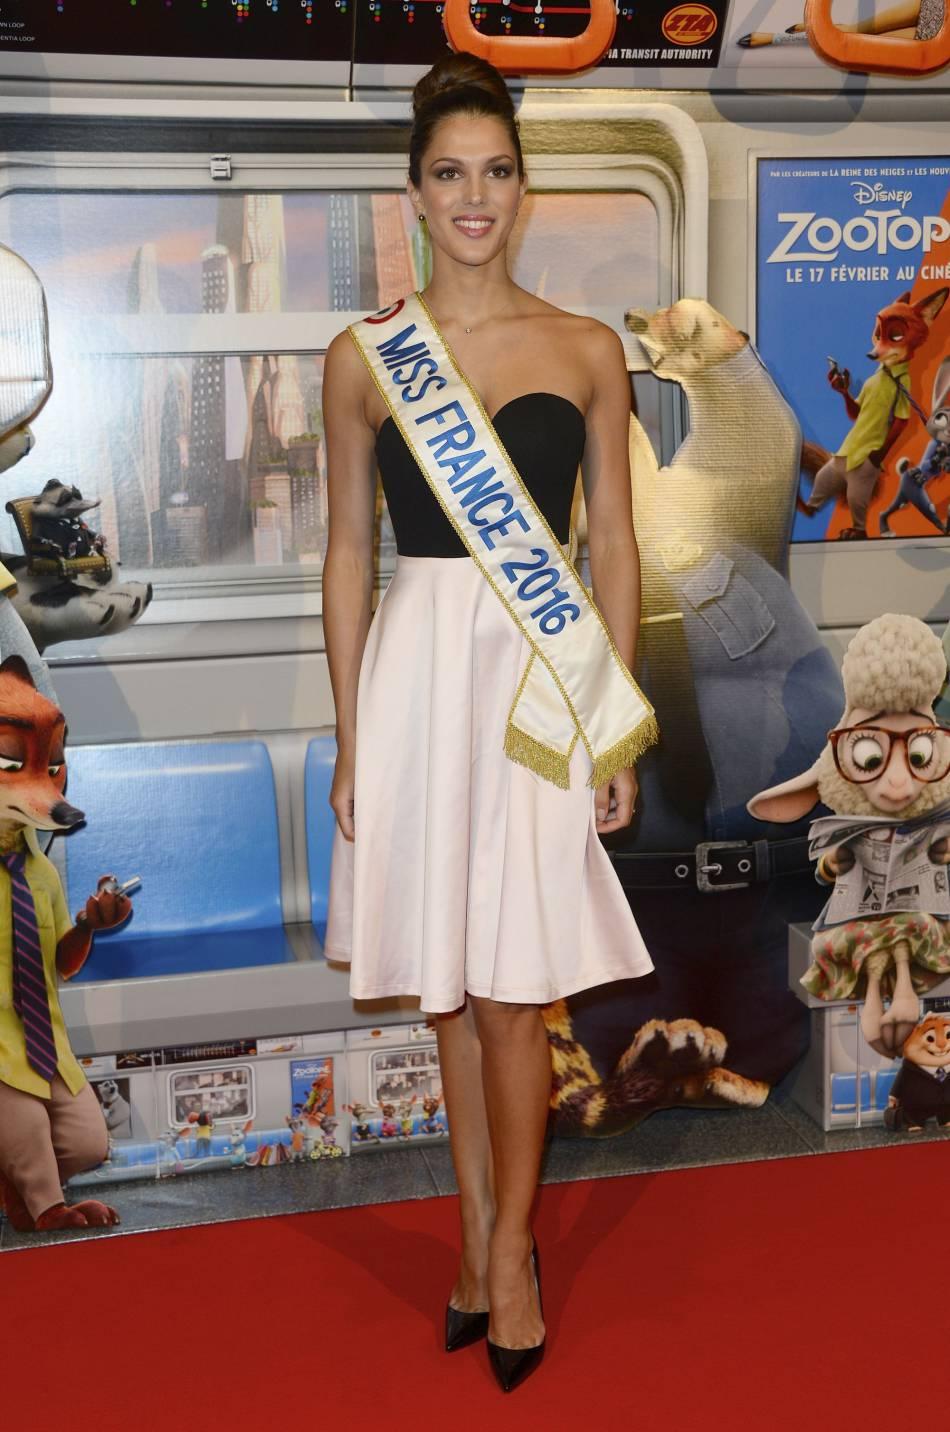 Iris Mittenaere : Miss France 2016 a partagé un cliché d'elle en bikini sur Instagram.